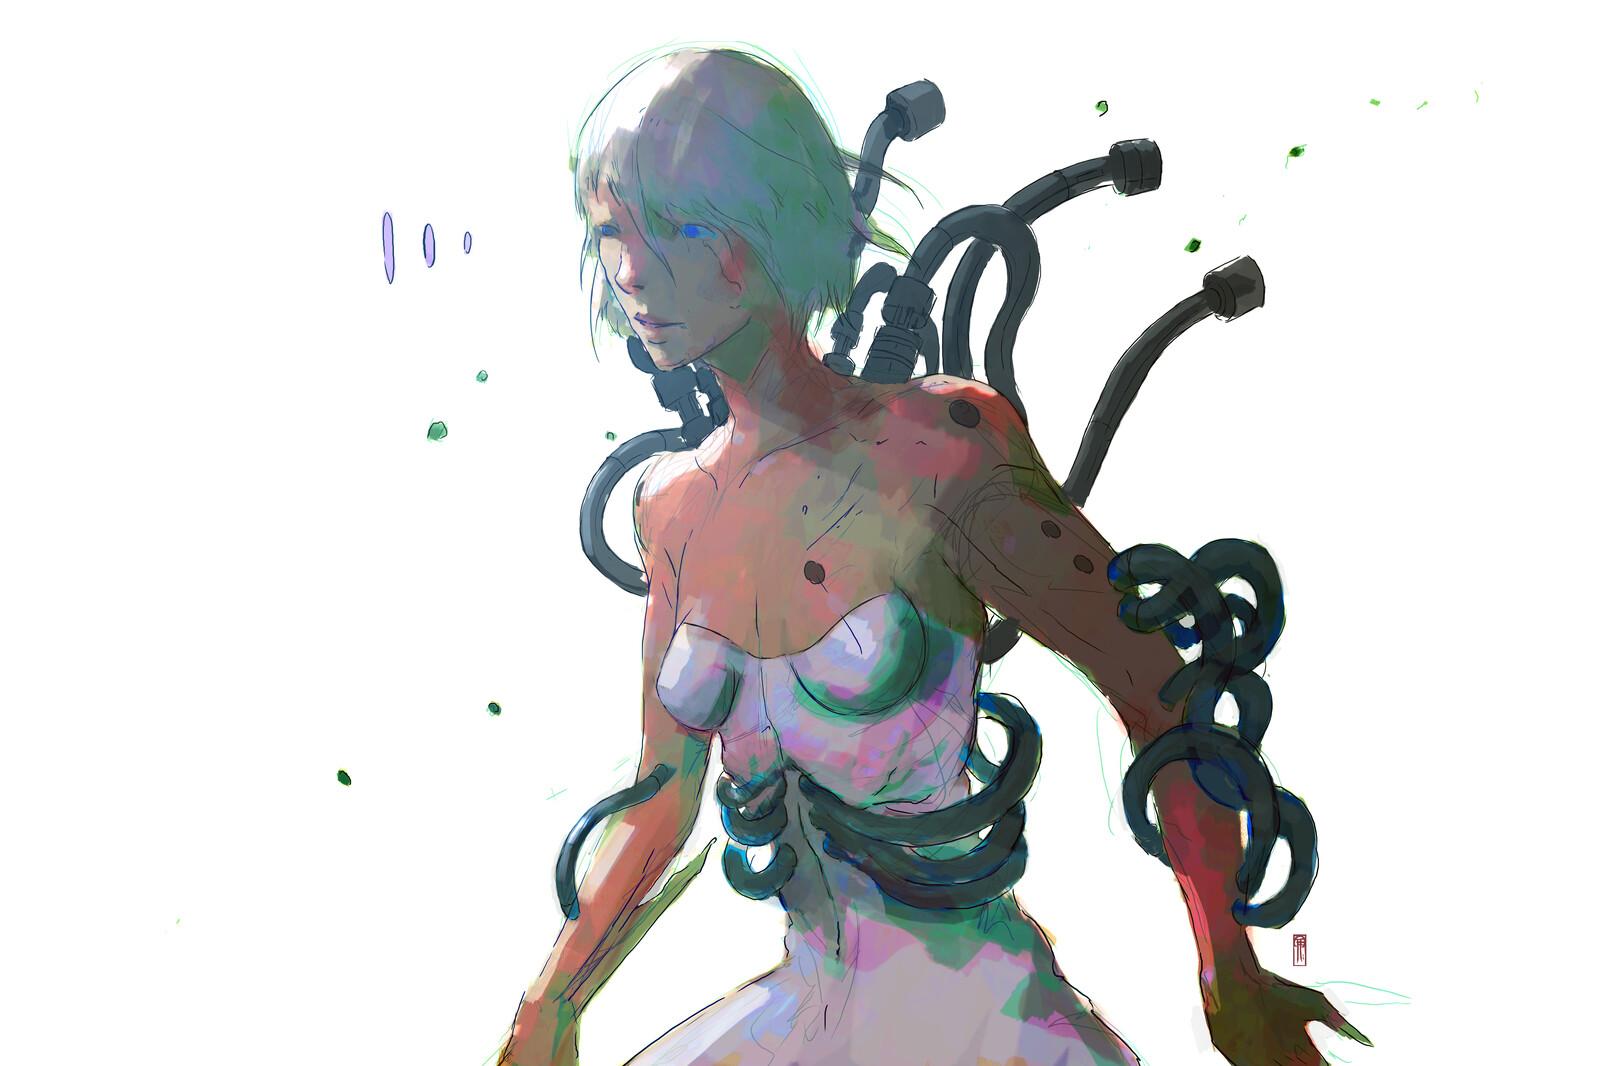 Cybergirl__